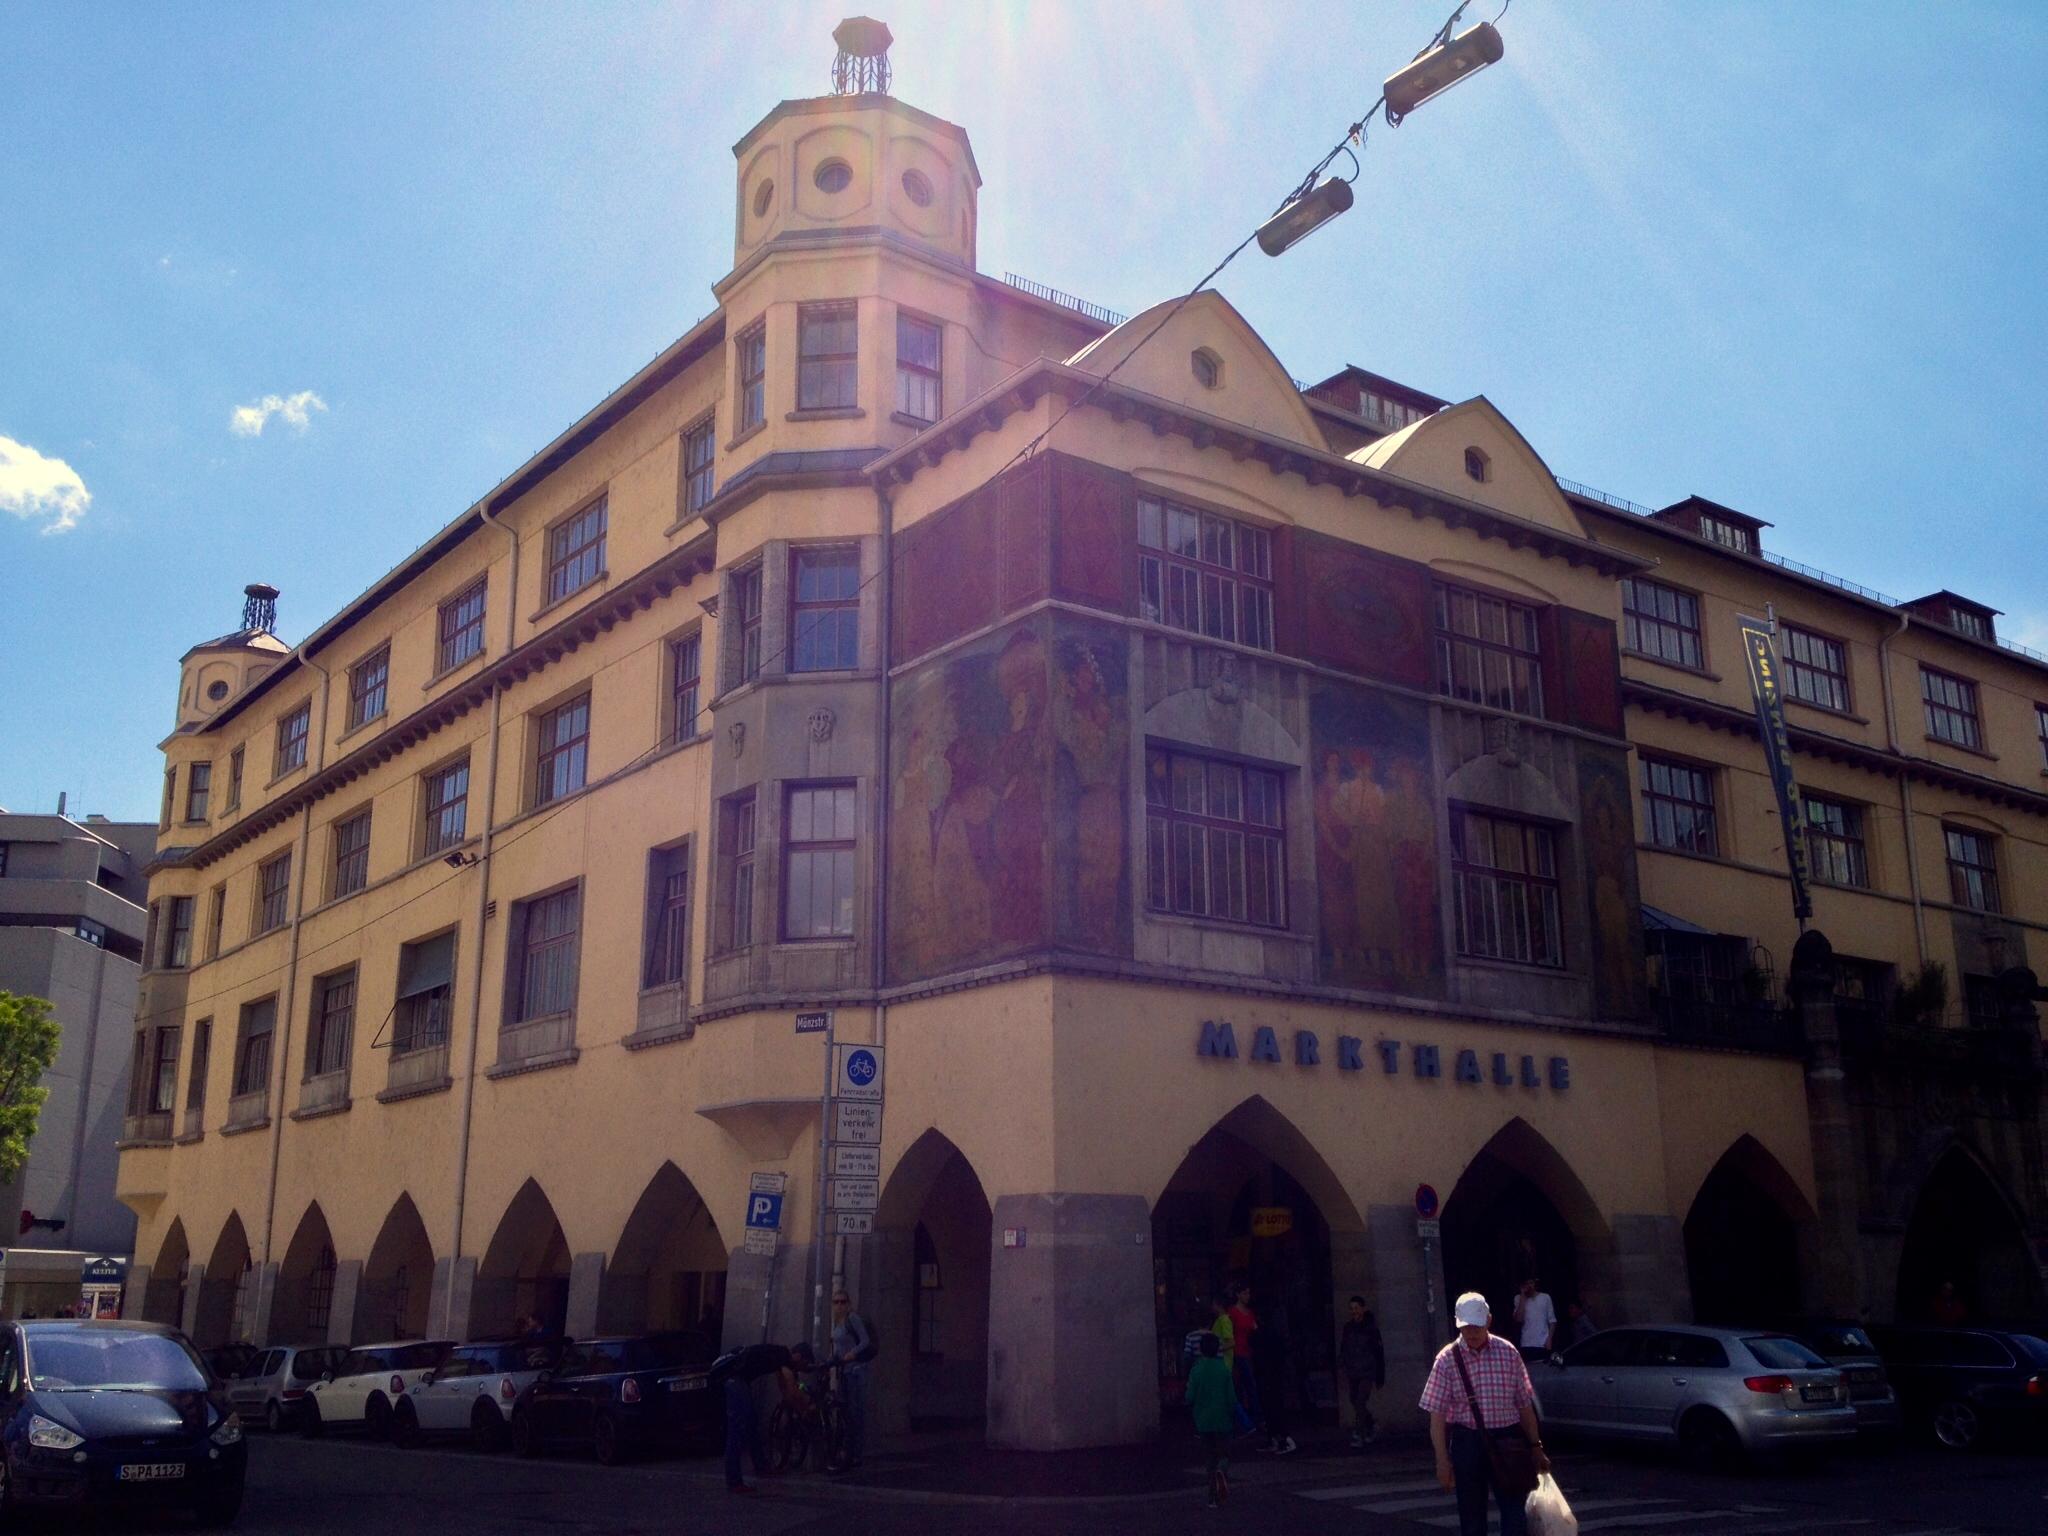 The Stuttgart Markthalle, built in 1914